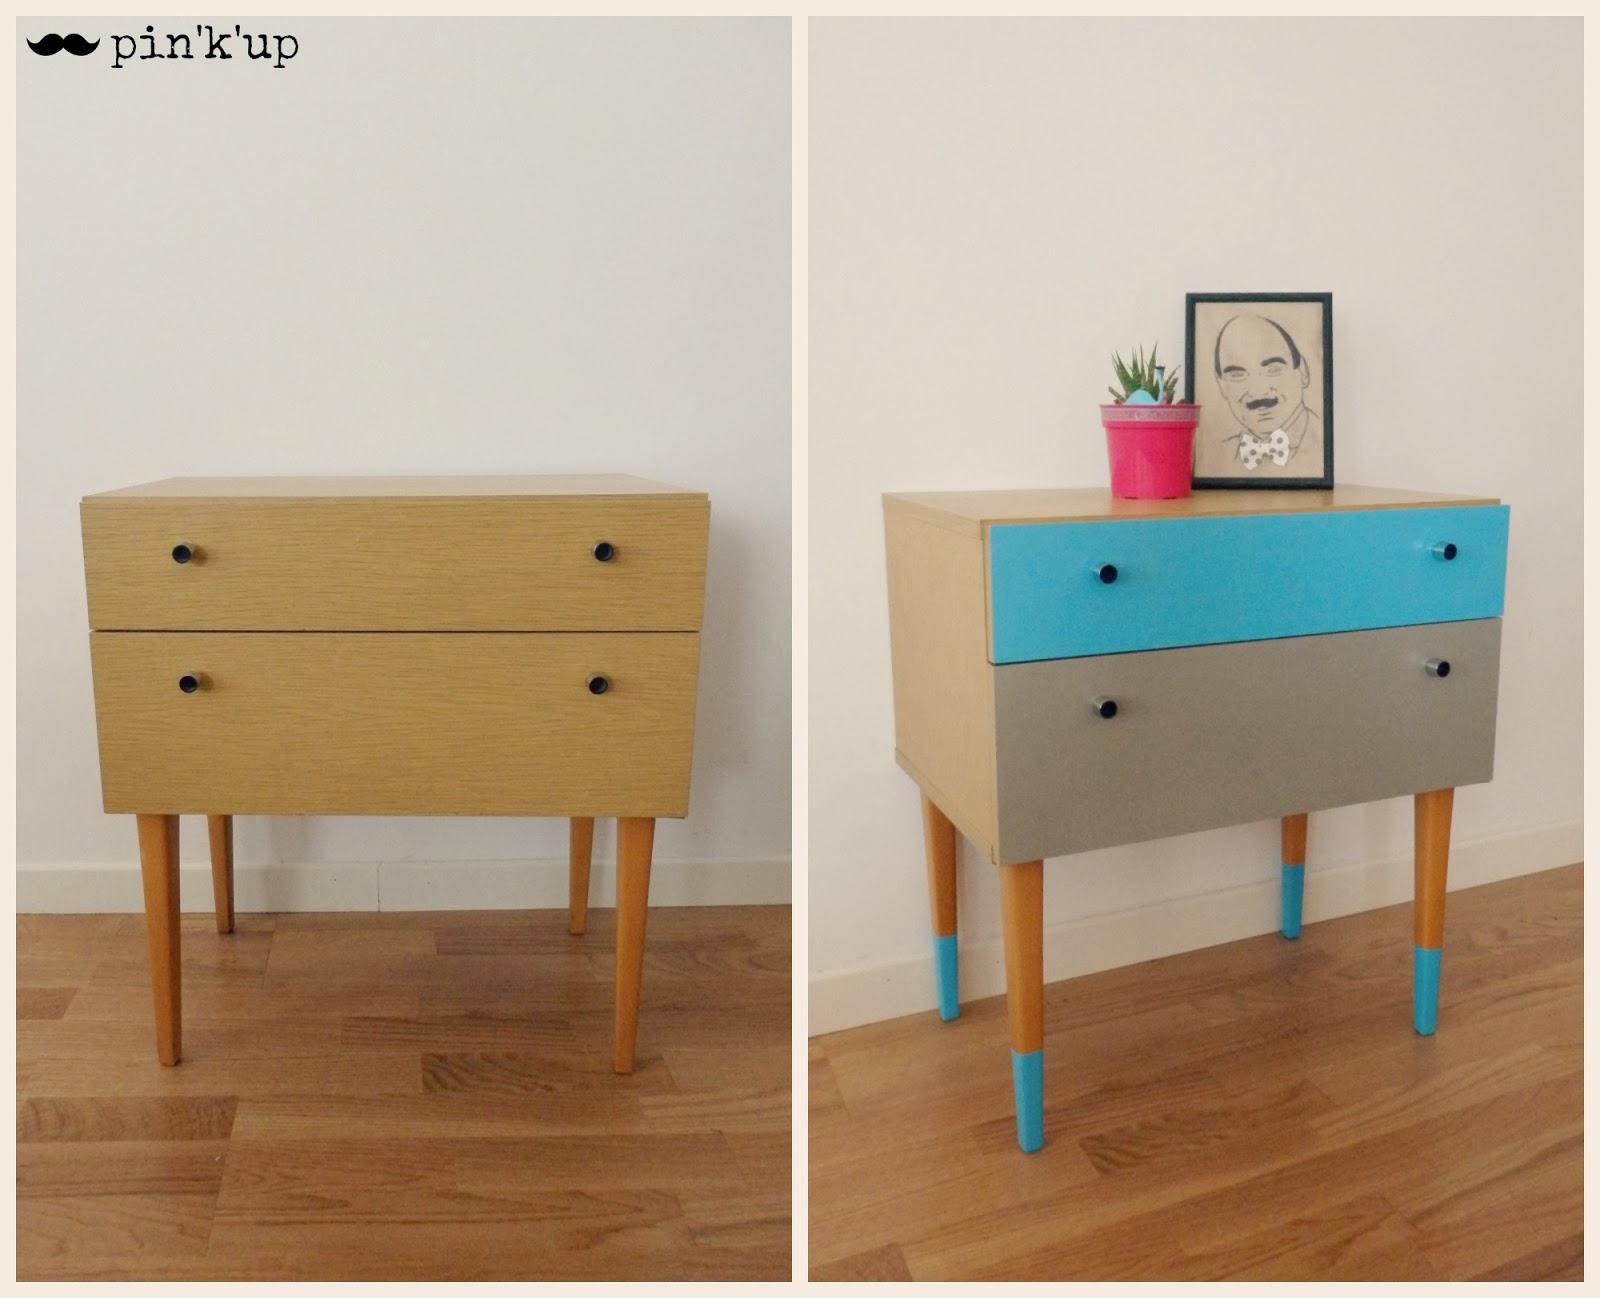 pin 39 k 39 up d co le petit meuble aux pieds bleus. Black Bedroom Furniture Sets. Home Design Ideas